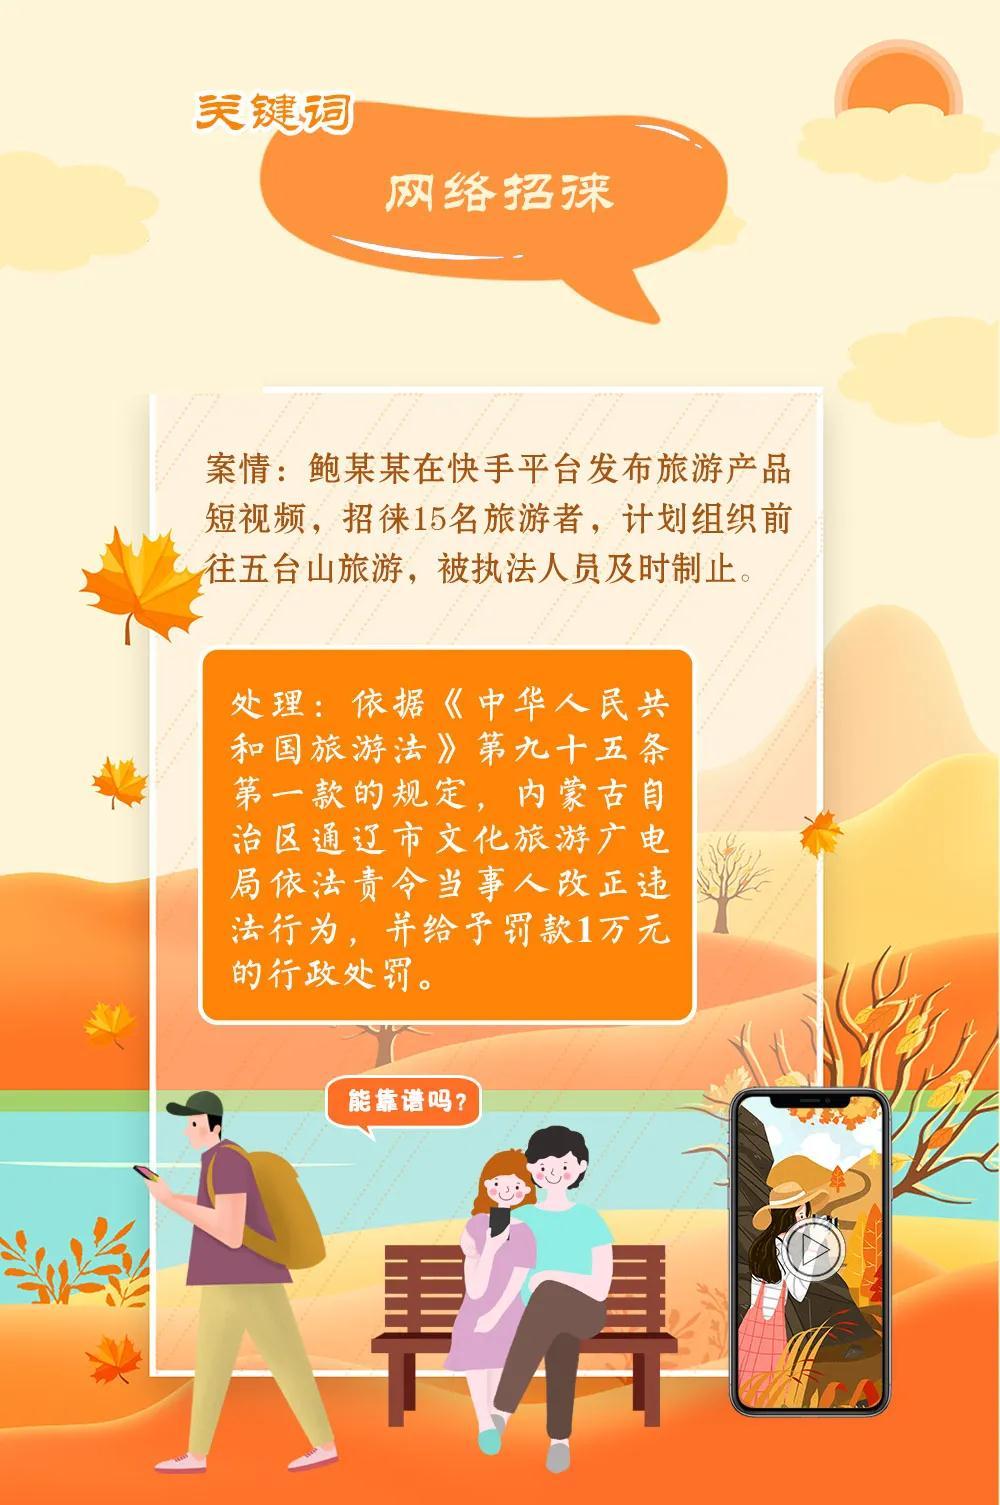 """旅游如何""""避坑""""?文旅部公布六类旅游执法指导案例"""